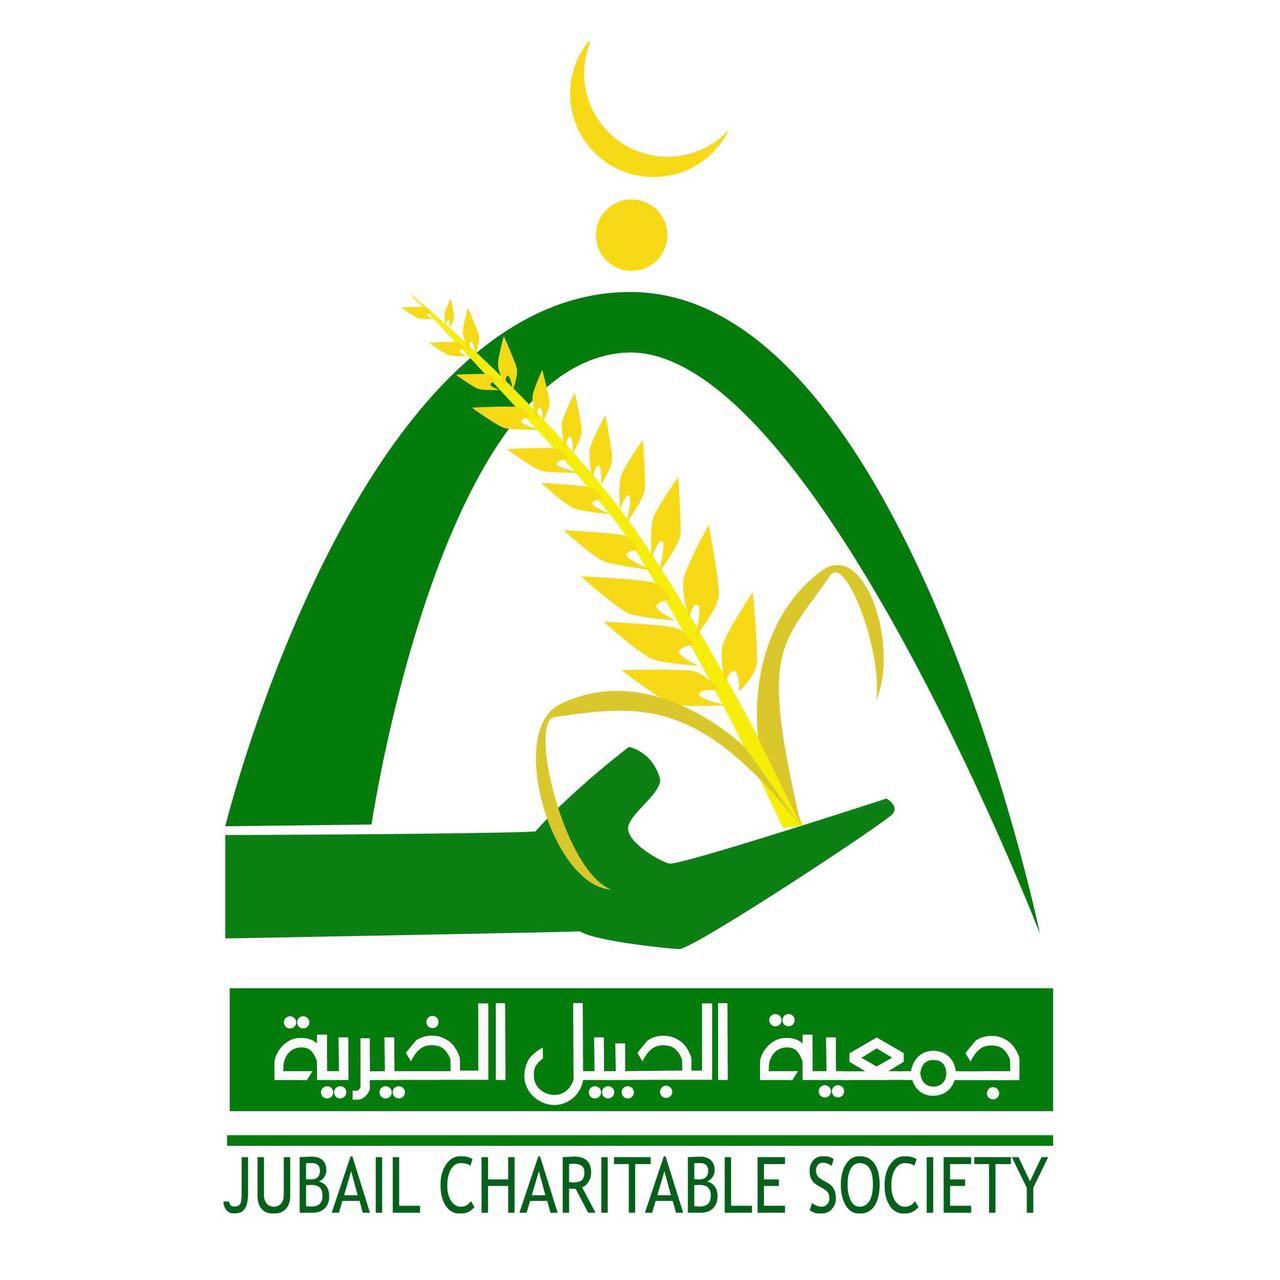 الجمعية تتلقى تبرع من الشيخ / عبد الله محمد سليمان القاضي